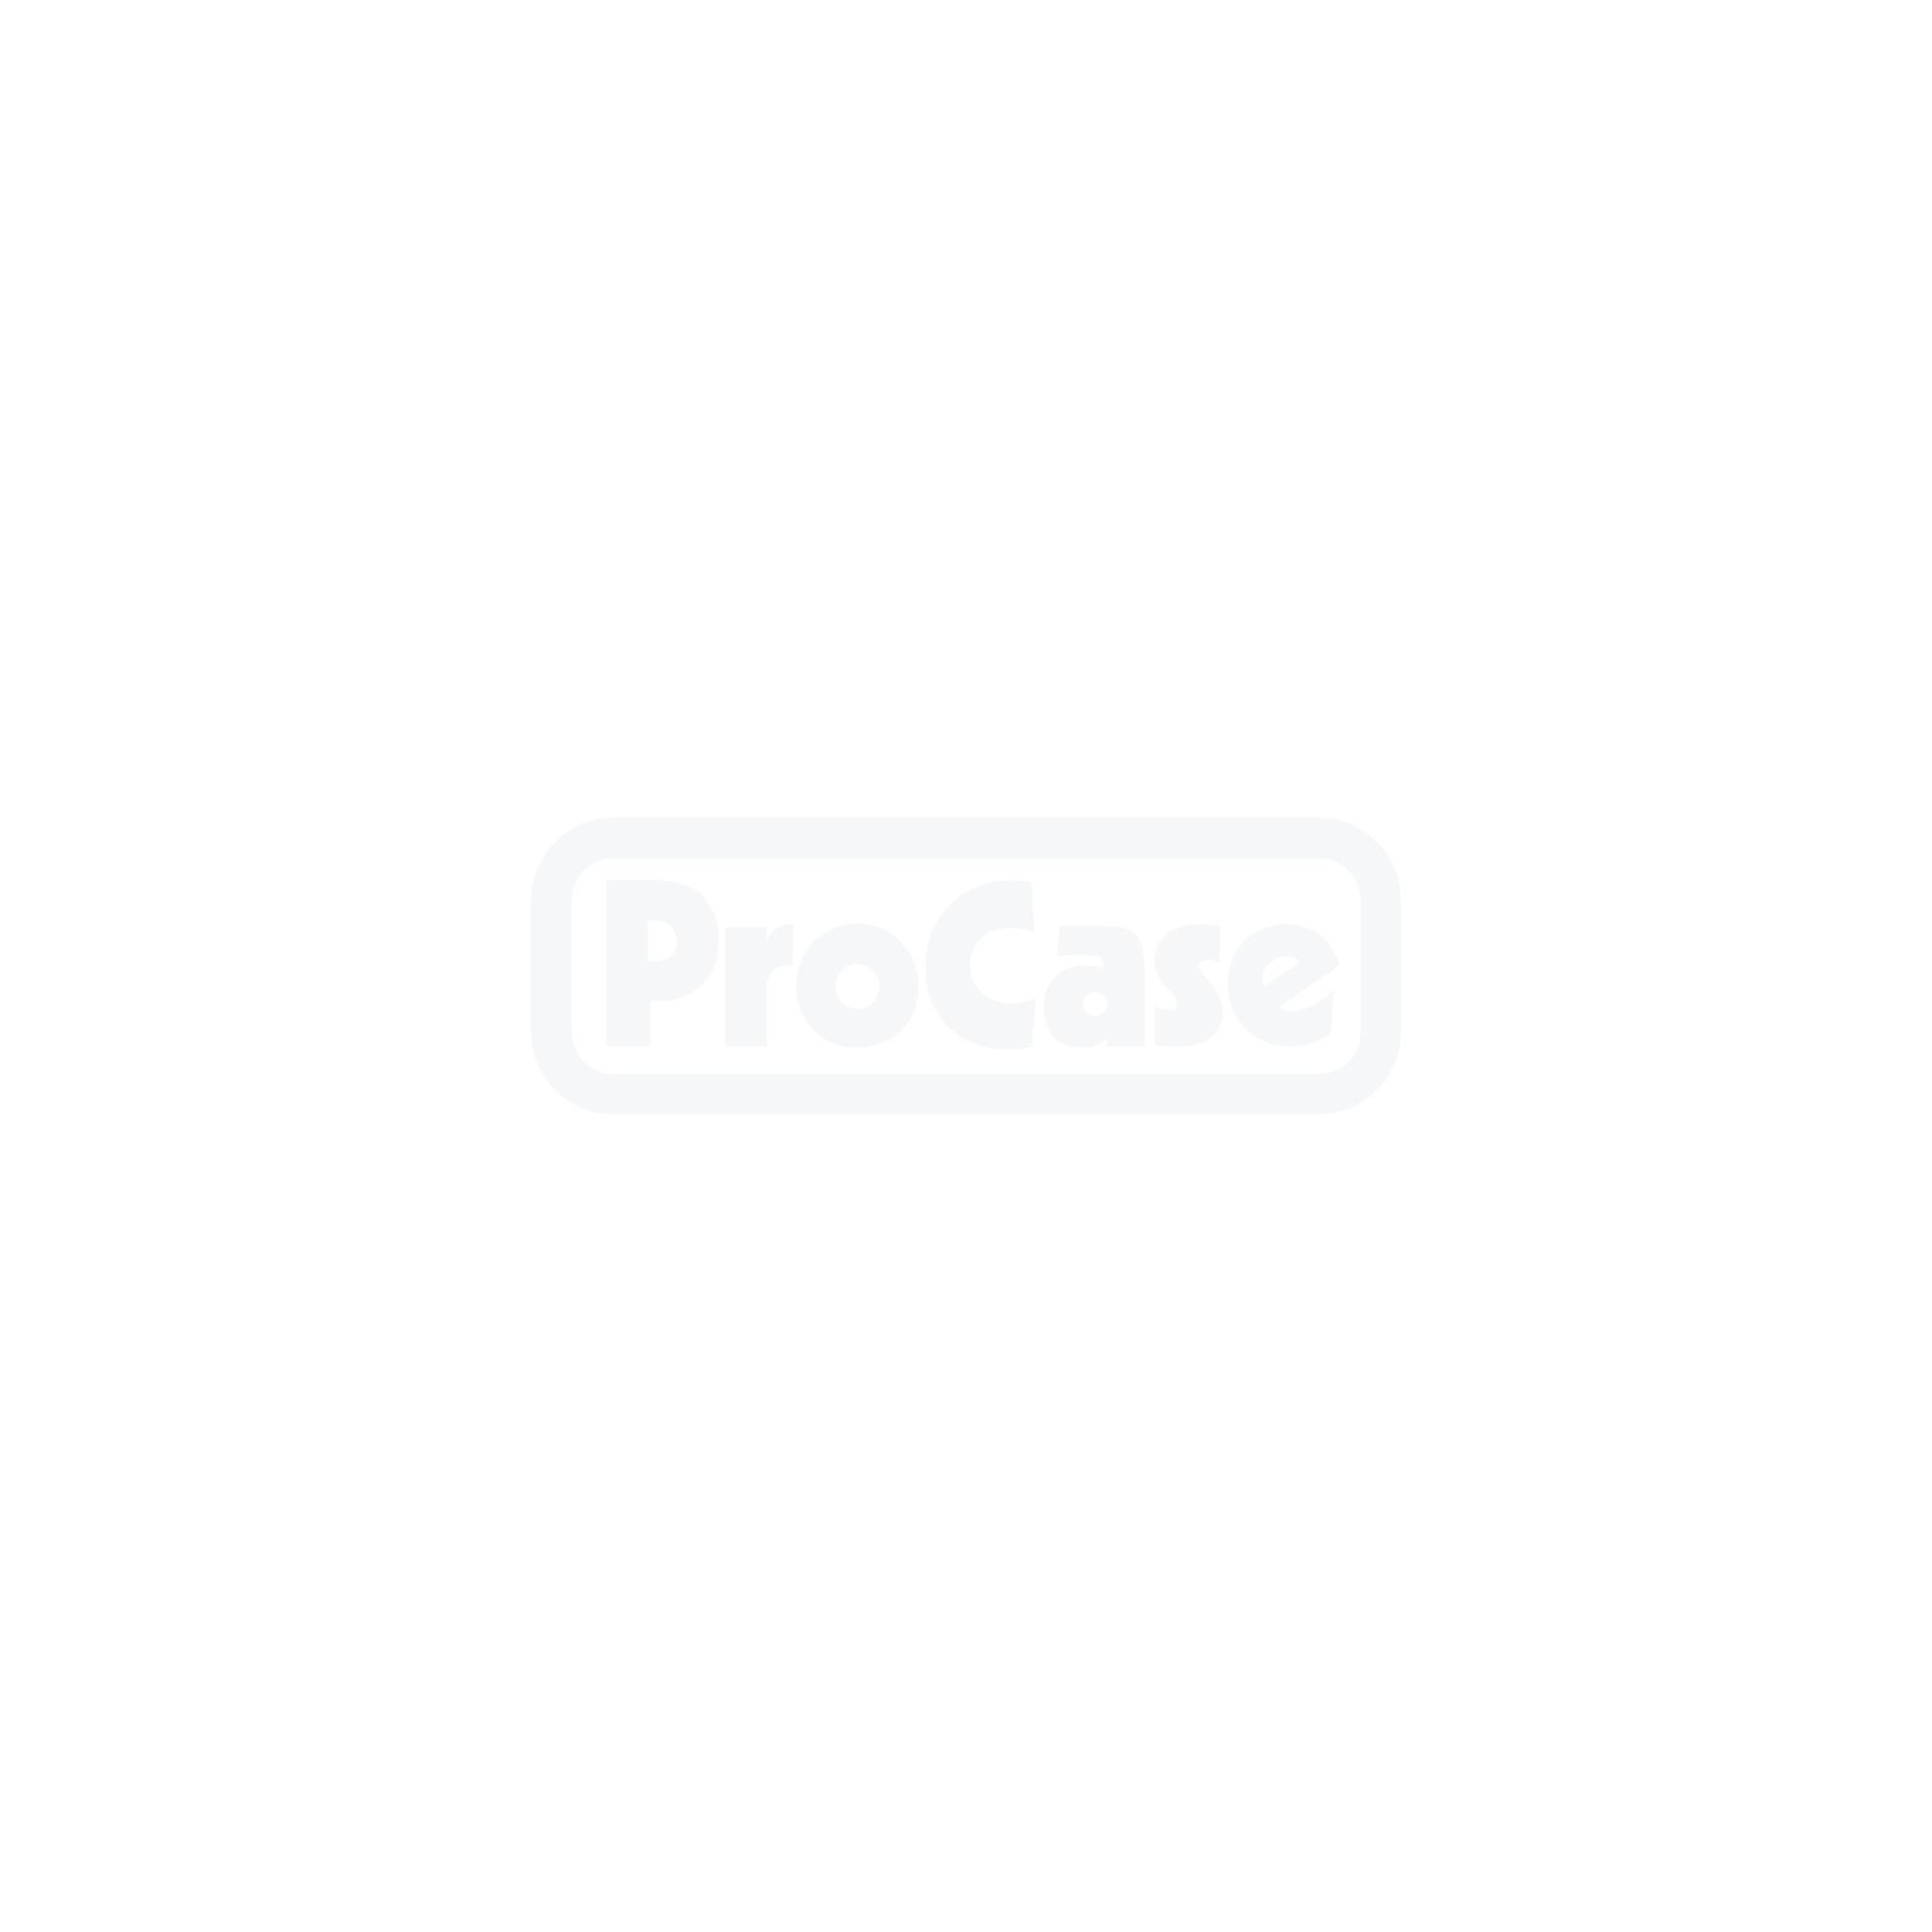 SchrankCase für 45x Dell Latitude 3510 Laptops mit Ladefunktion 3